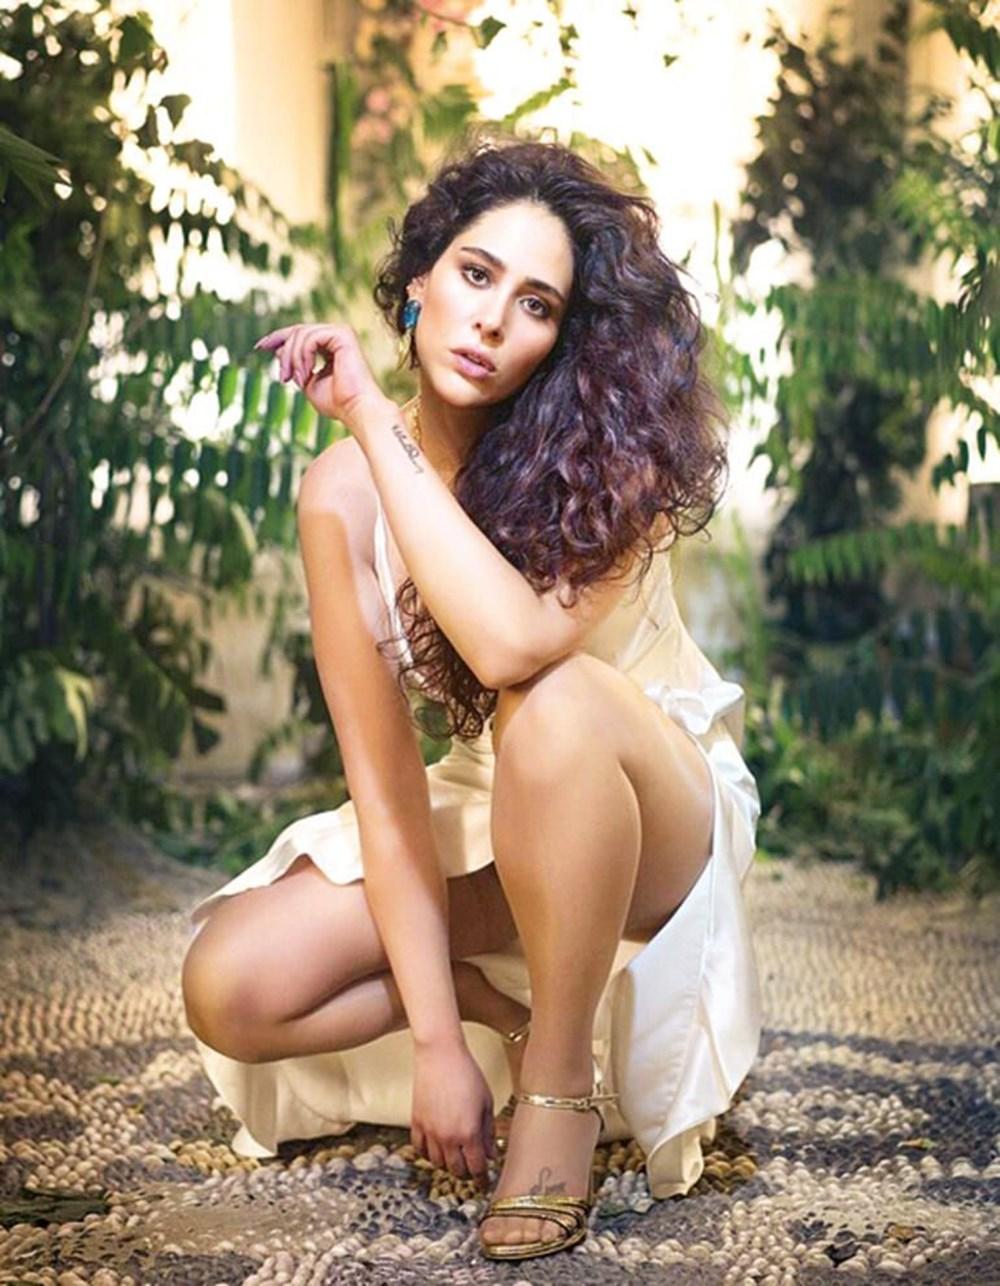 Mahmut Tuncer'in müzisyen kızı Gizem Tuncer 40 kilo verdi - 3